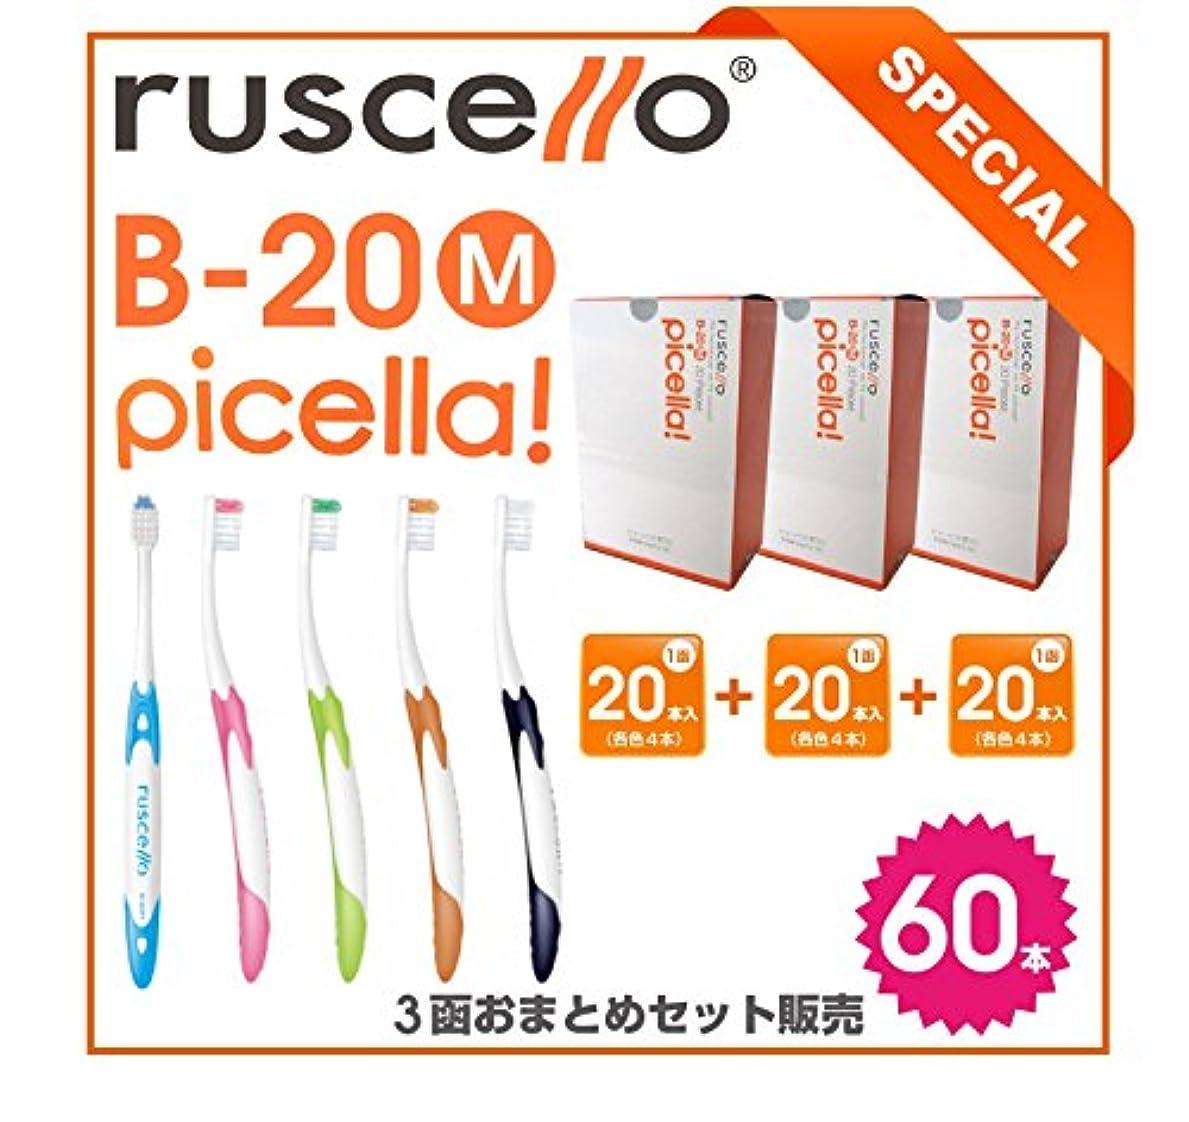 GC ジーシー ルシェロ歯ブラシ<B-20>ピセラ M ふつう 1函20本入×3函セット